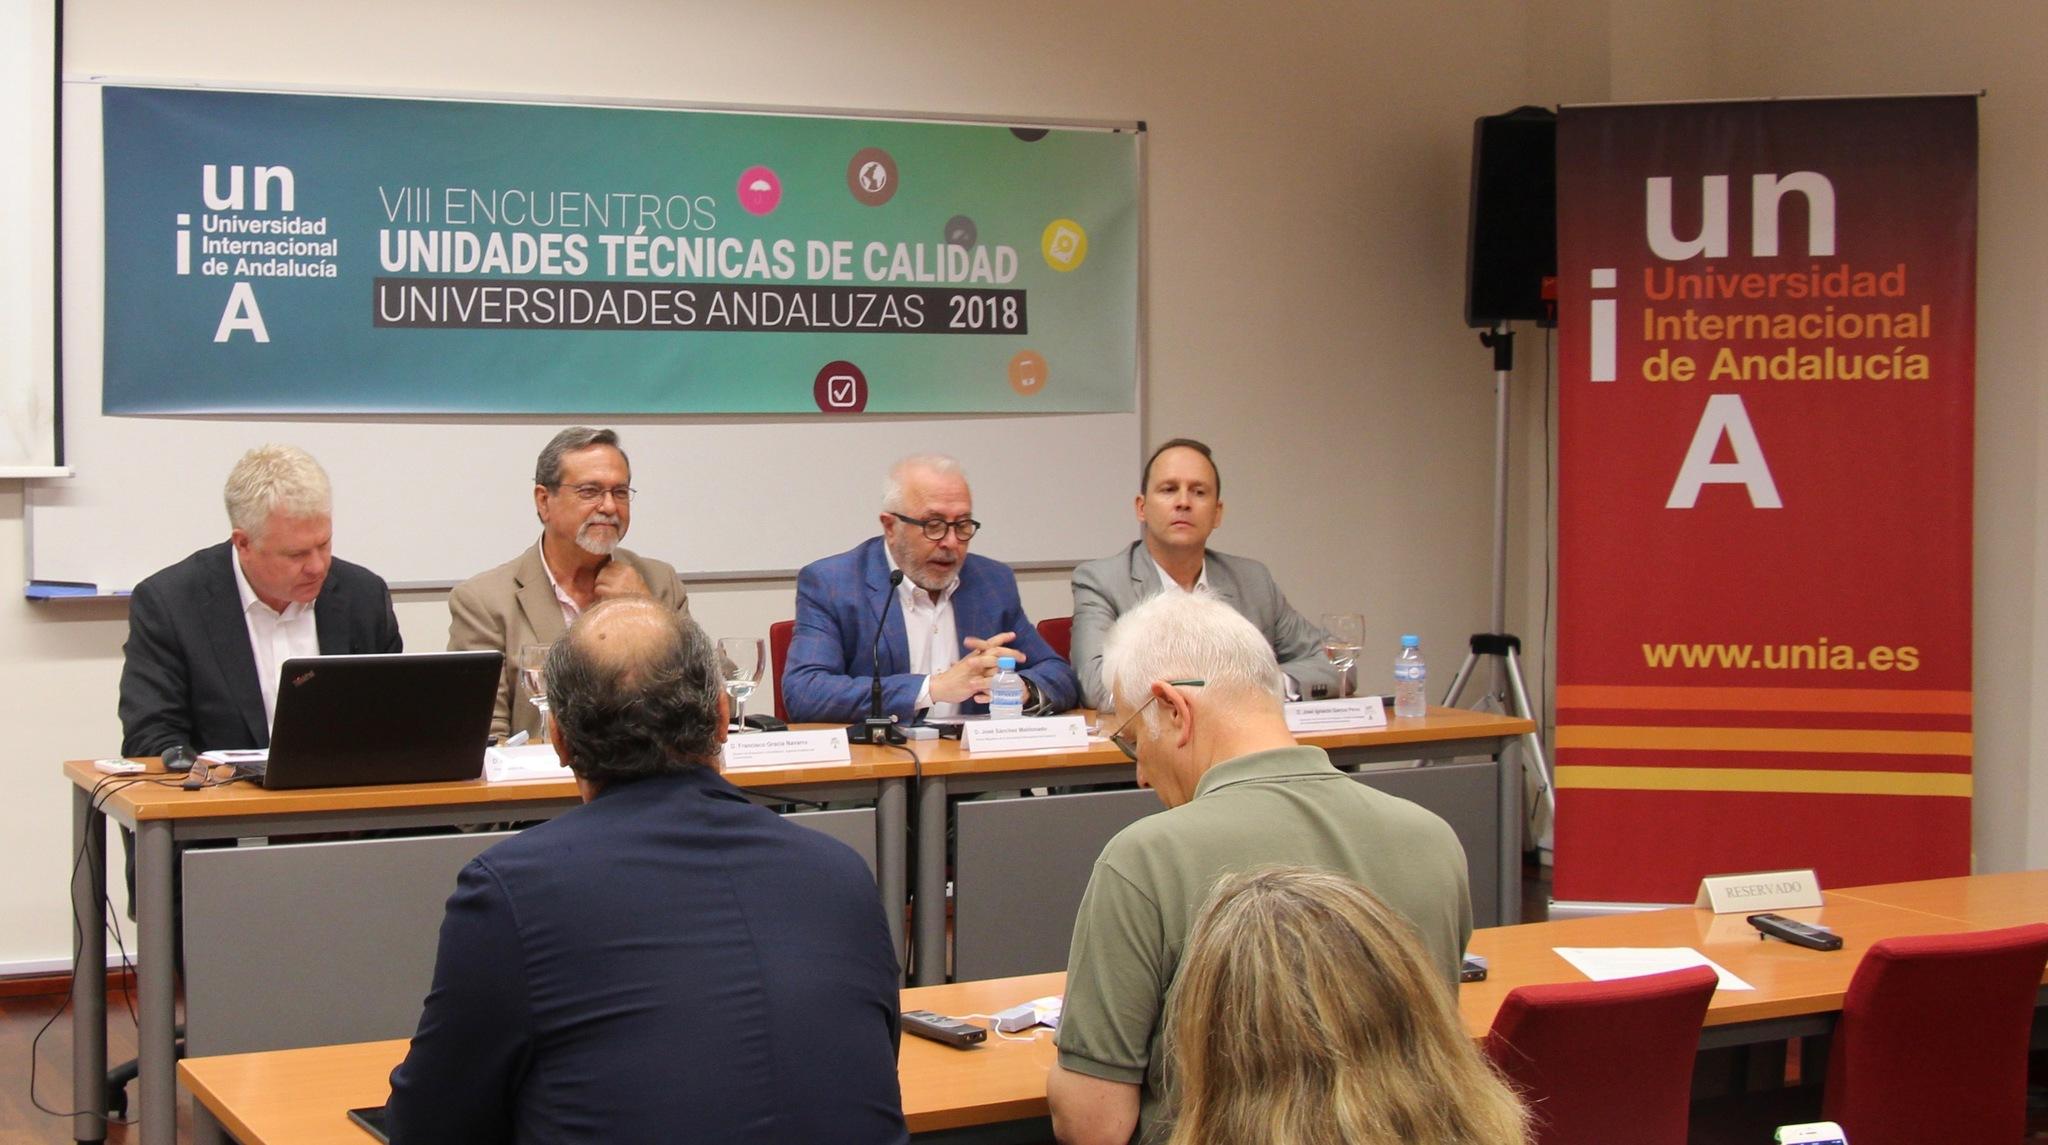 El rector de la UNIA José Sánchez Maldonado en la inauguración de las jornadas.